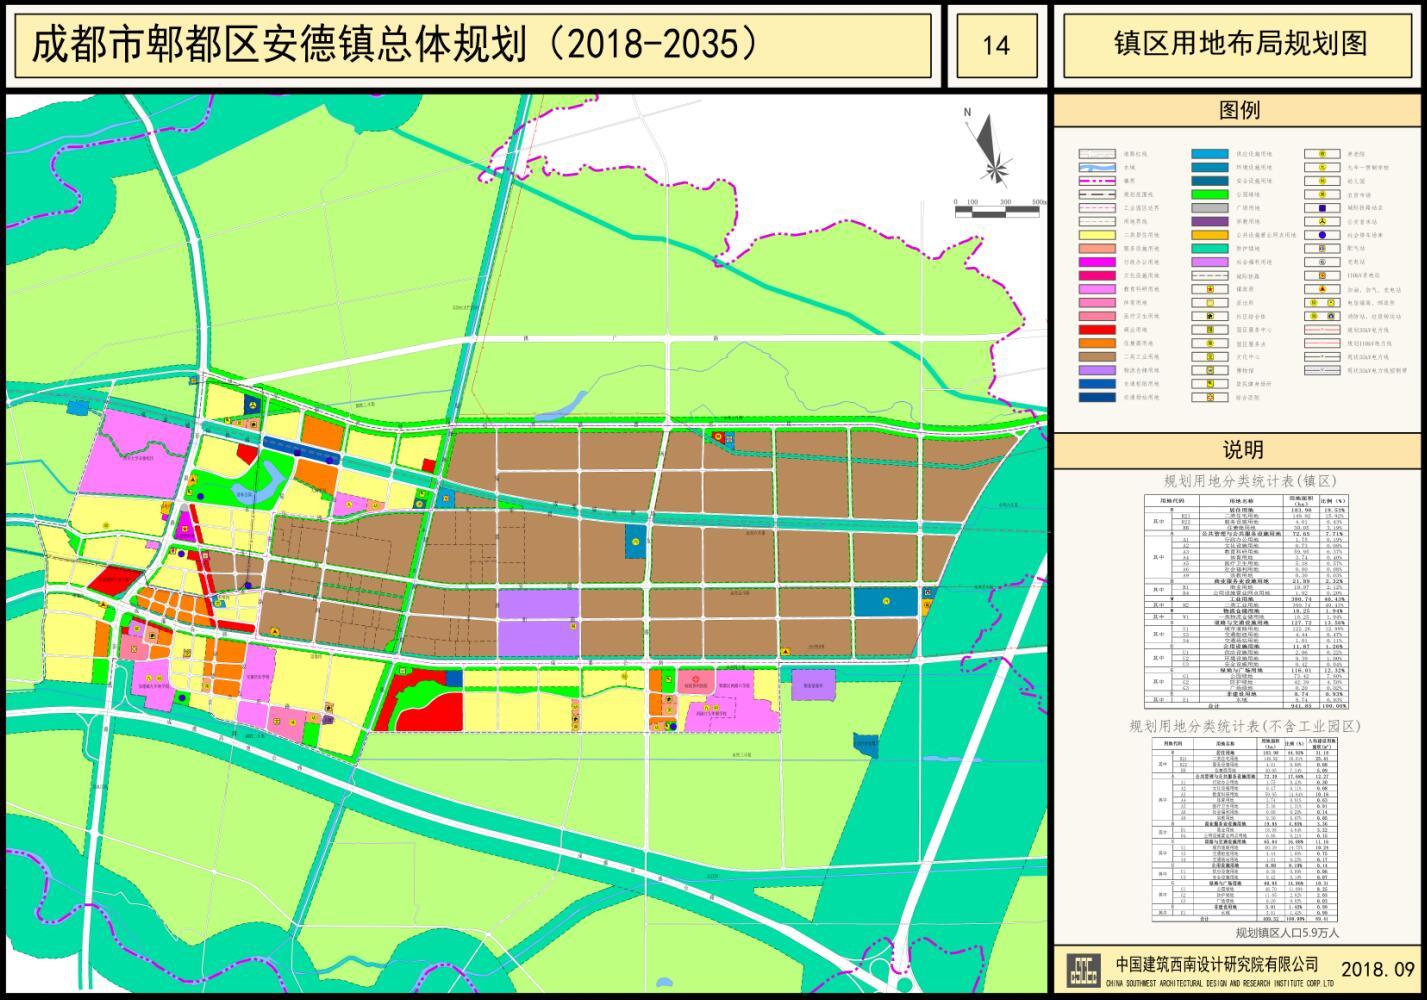 成都市郫都区安德镇总体规划(2018-2035)